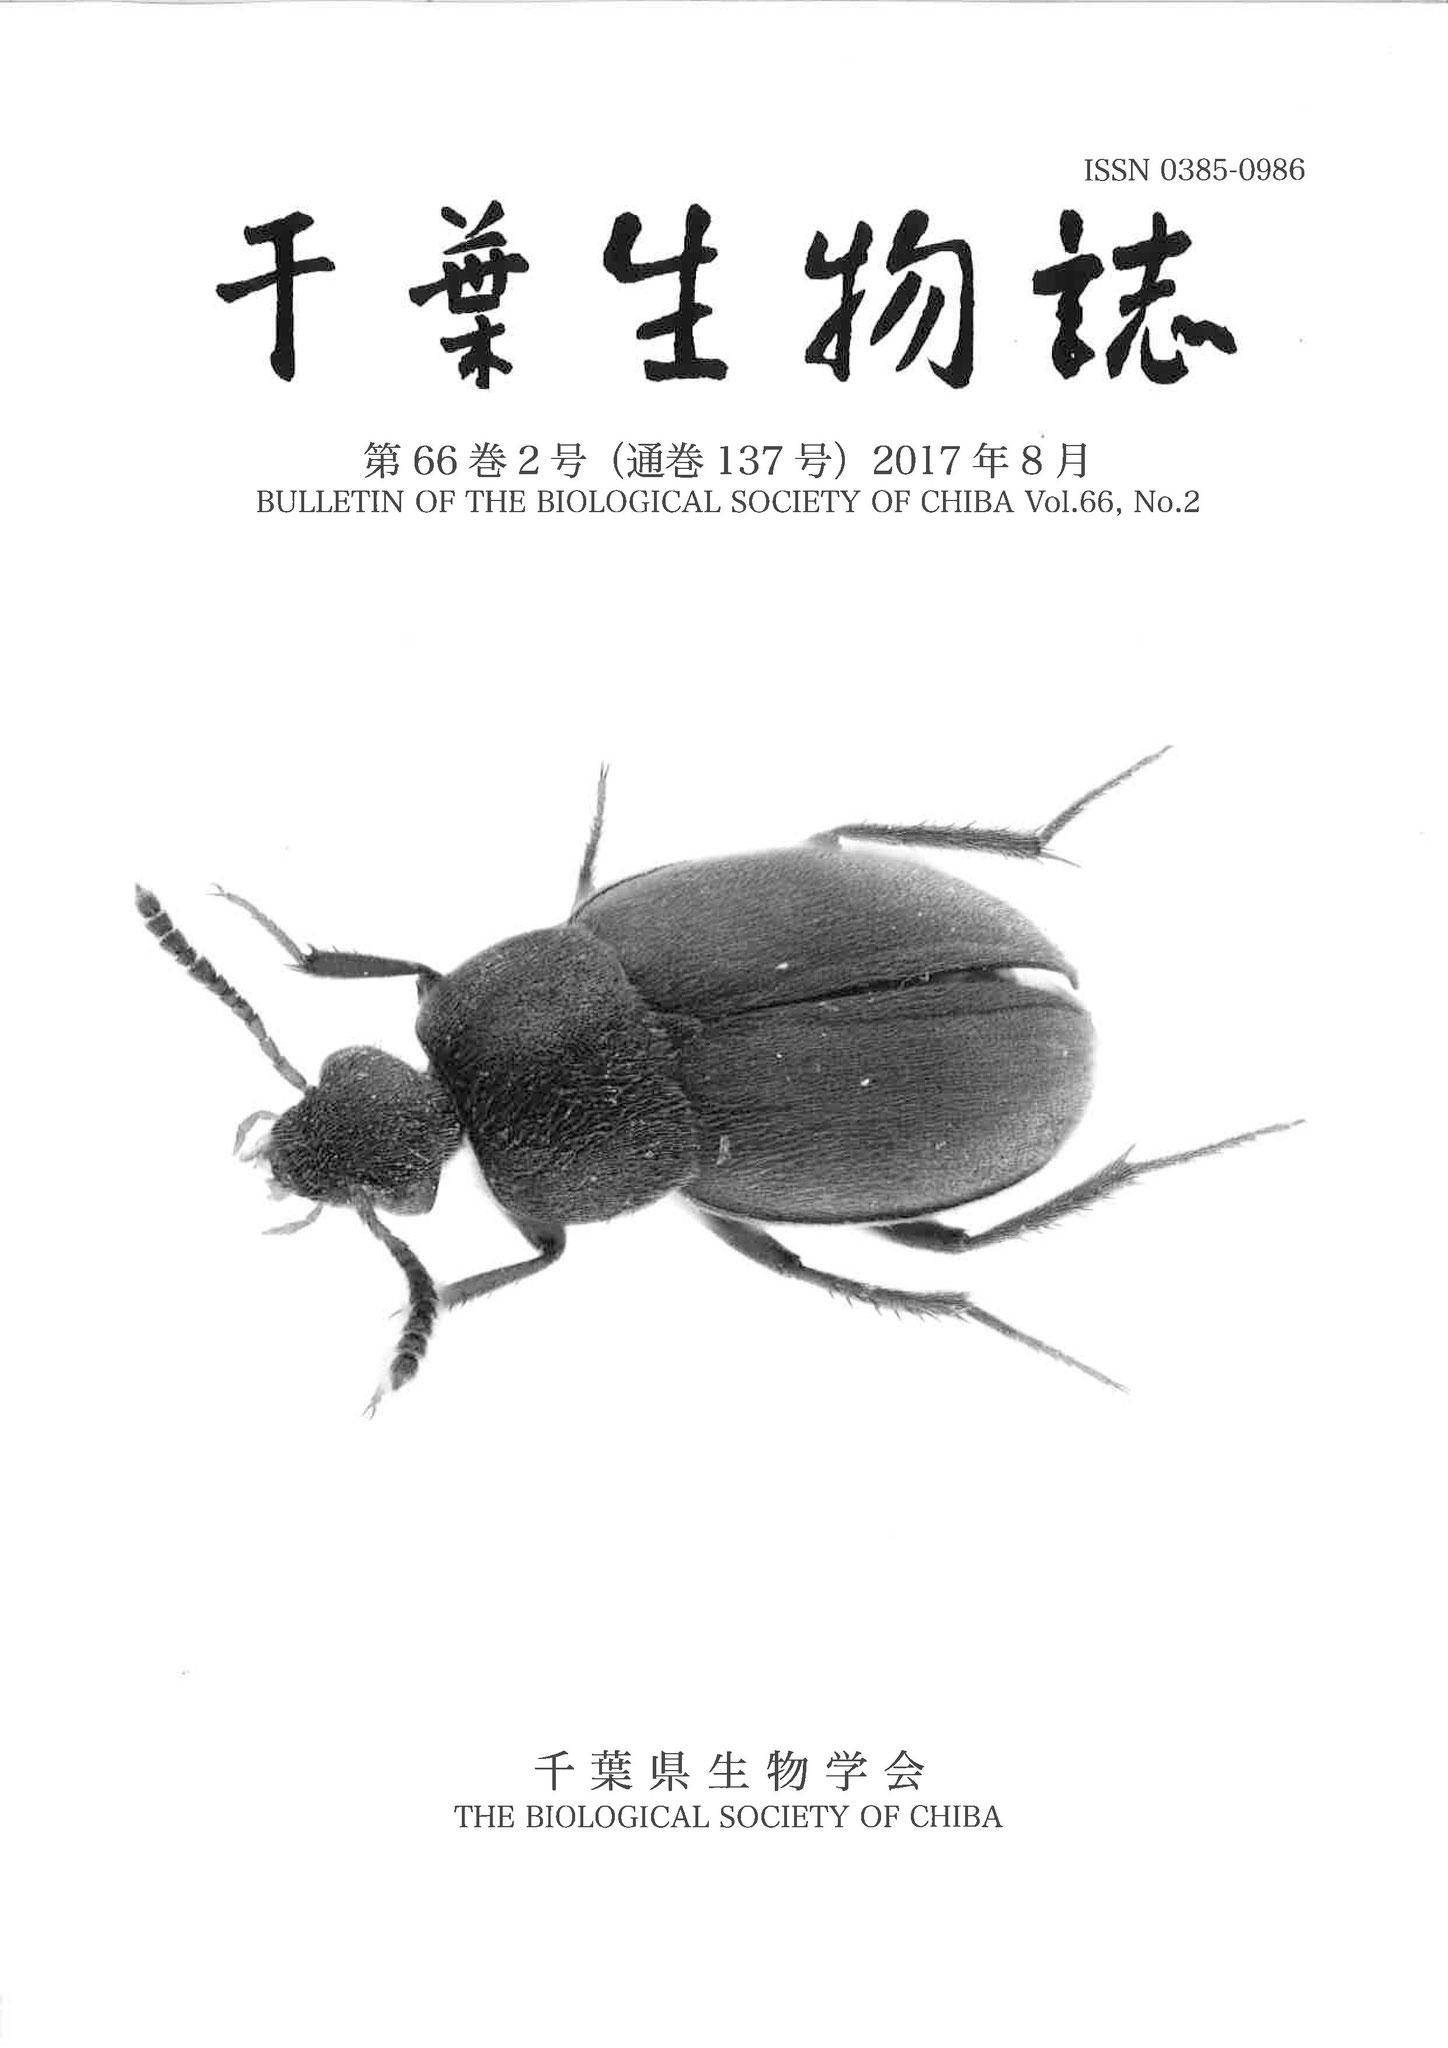 千葉生物誌 135号(65巻2号)2016年3月